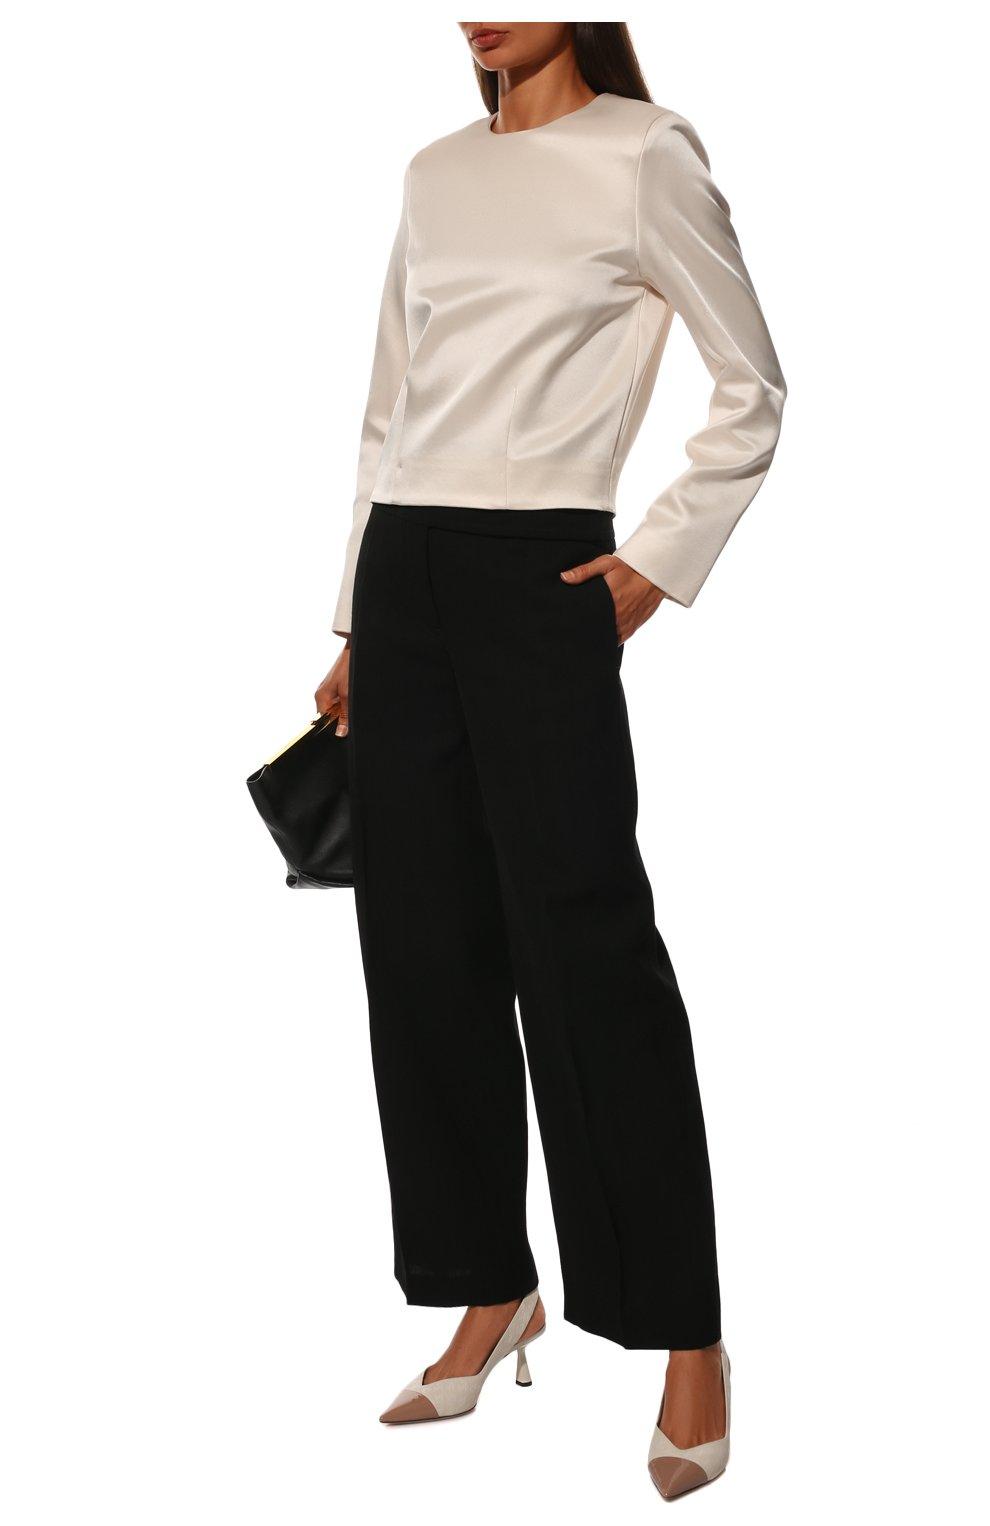 Женские кожаные туфли liya 65 JIMMY CHOO кремвого цвета, арт. LIYA 65/ZY0 | Фото 2 (Материал внутренний: Натуральная кожа; Каблук высота: Средний; Каблук тип: Шпилька; Подошва: Плоская)